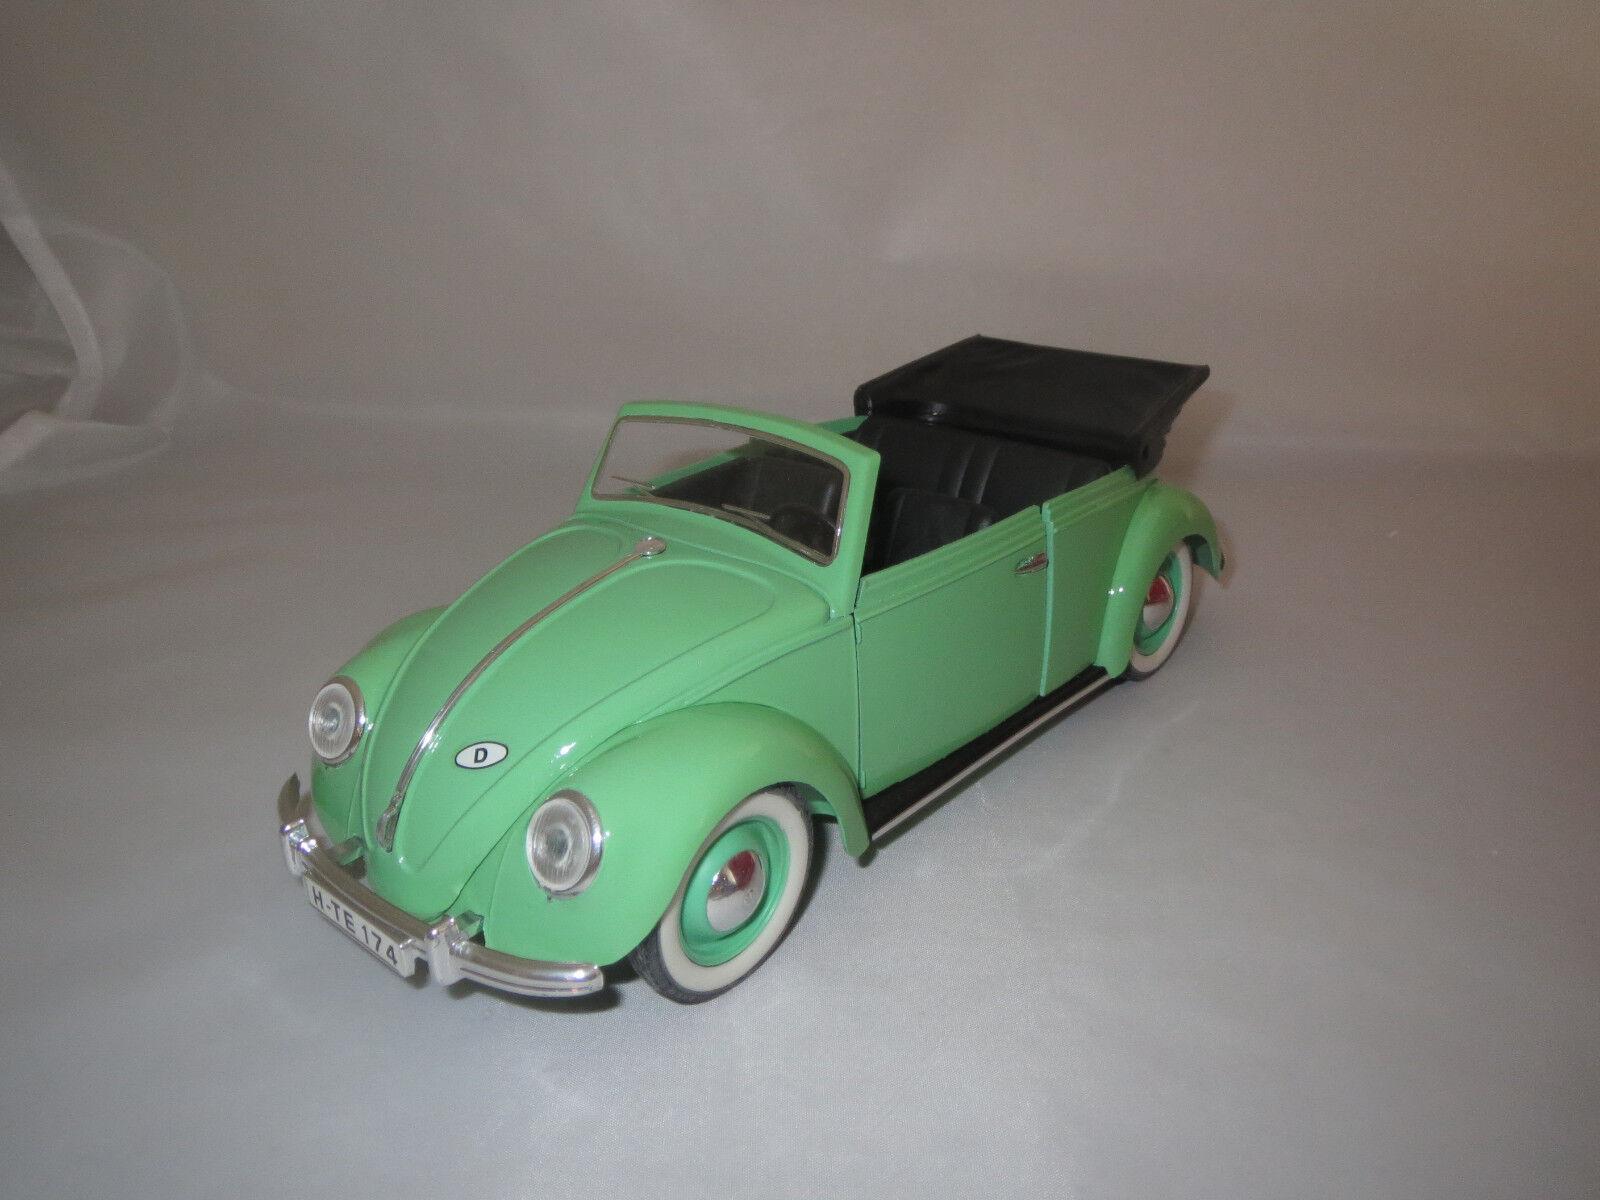 Solido volkswagen coccinelle cabriolet  vert clair  1 17 sans emballage